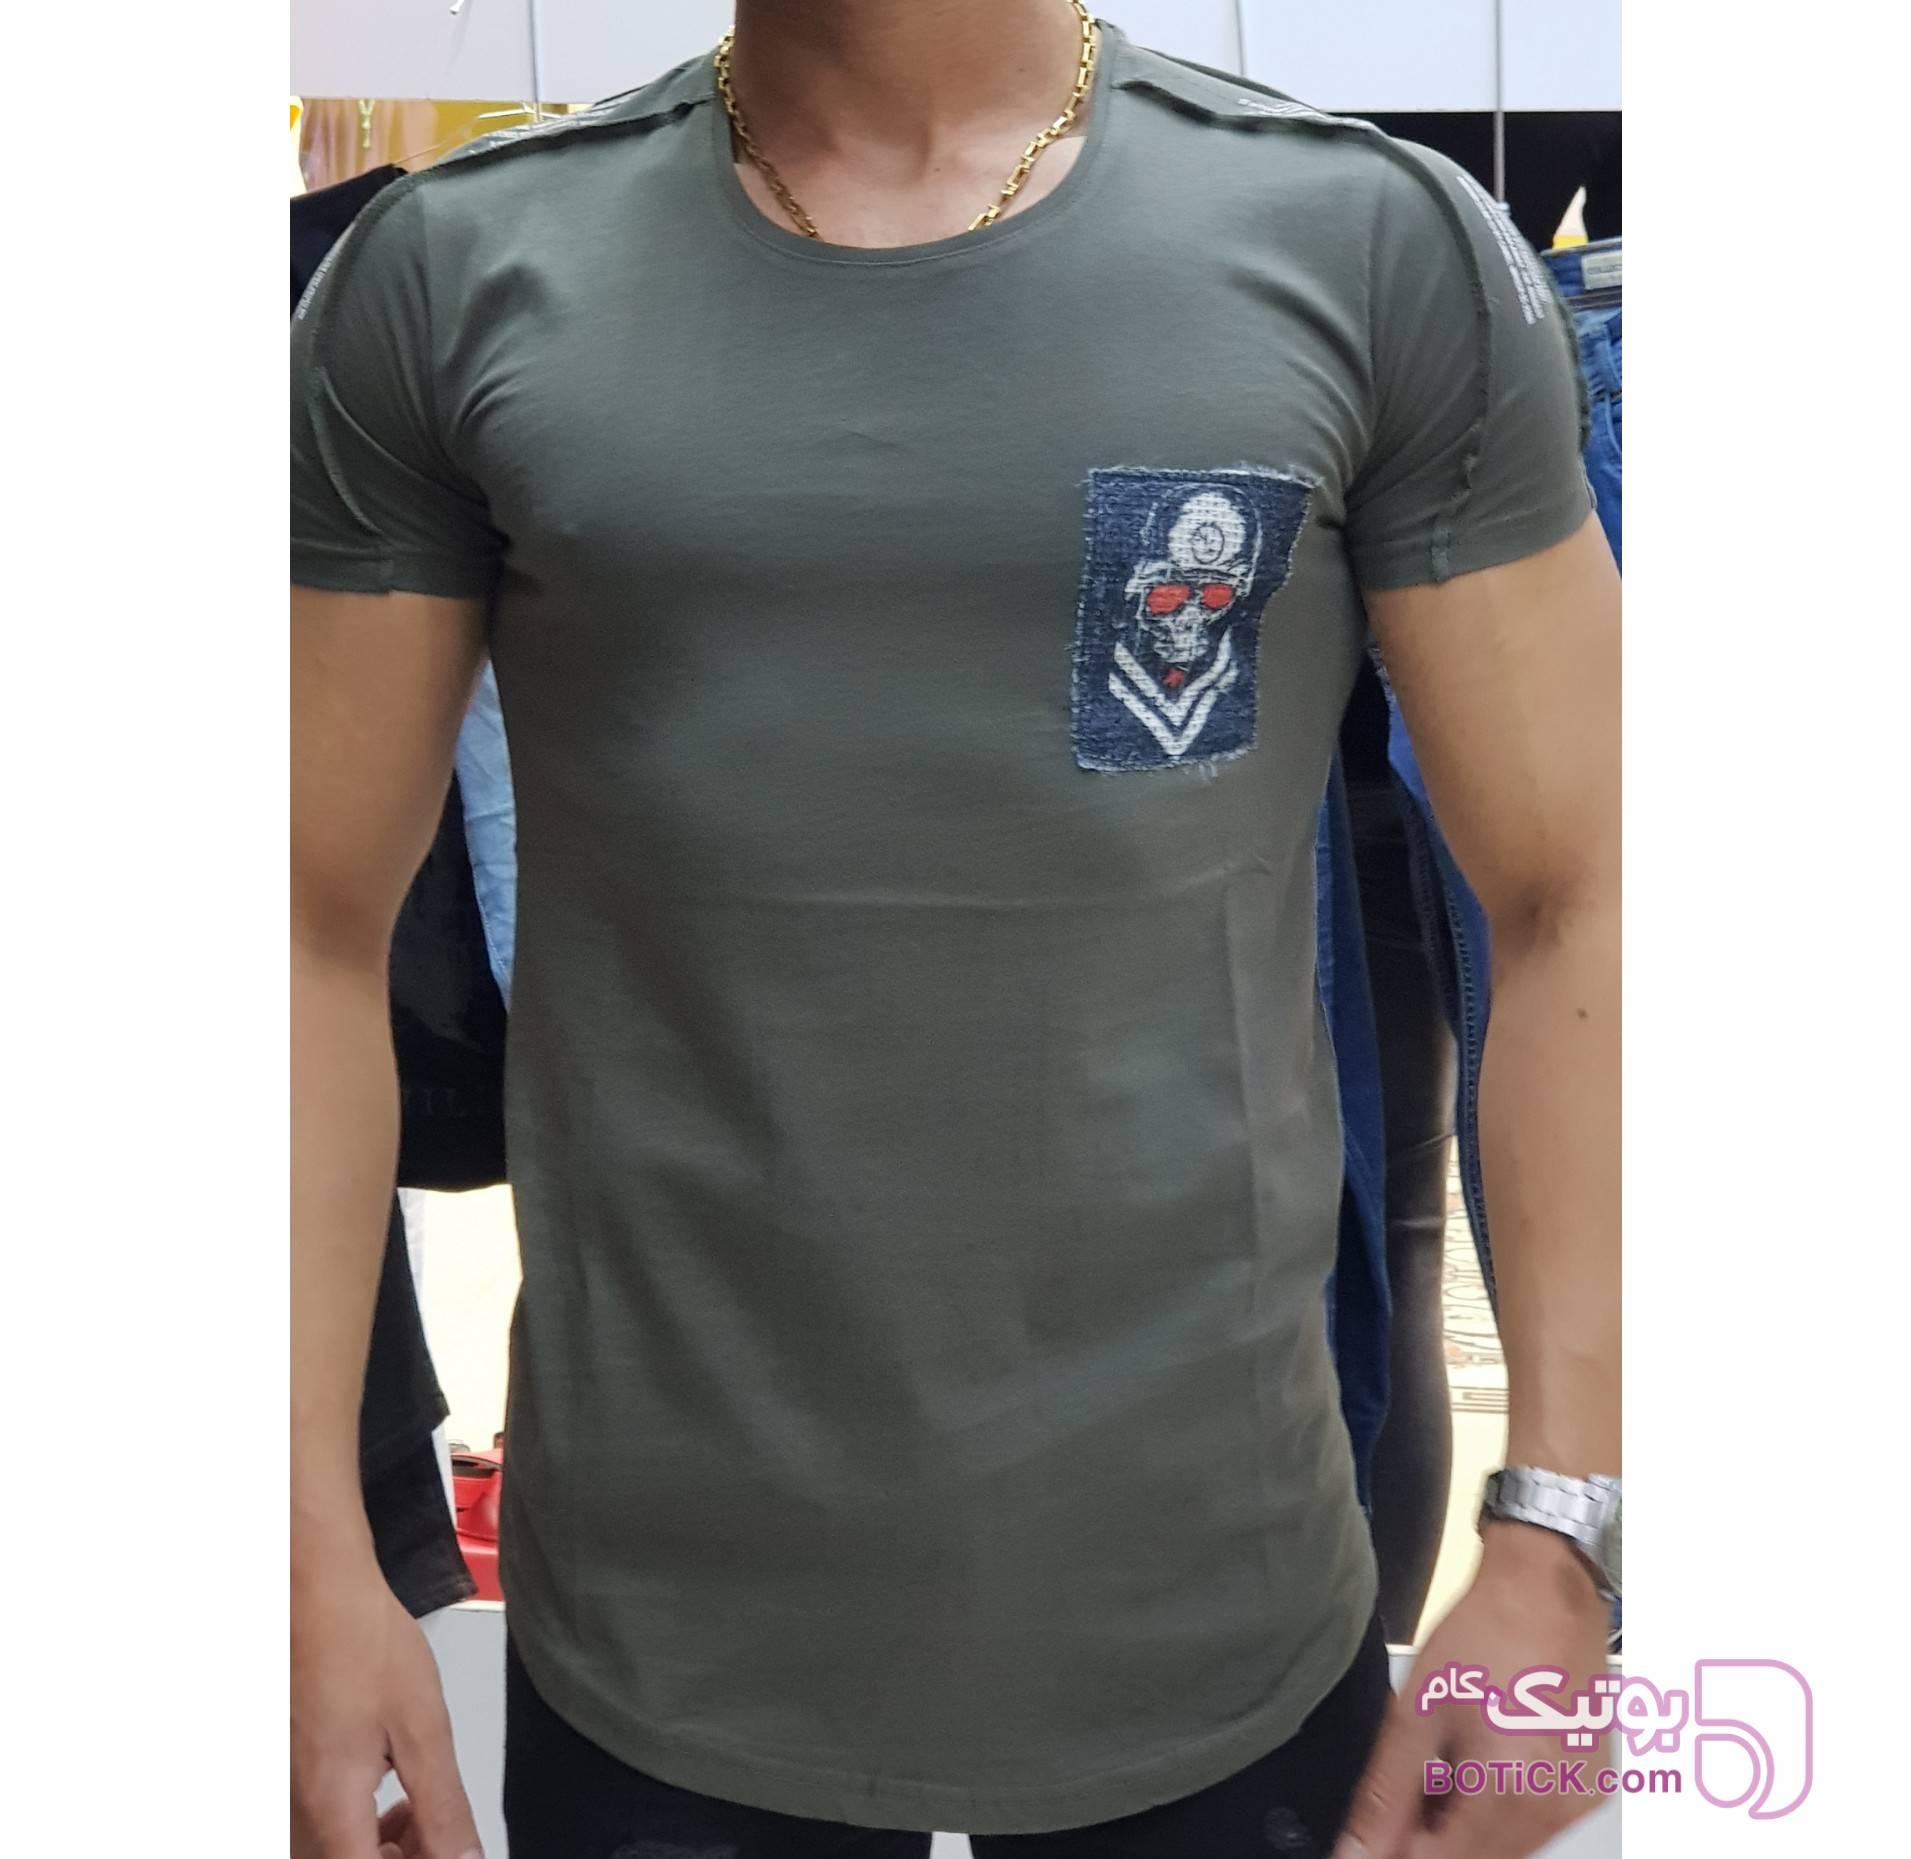 تیشرت اورجینال ERS ترکیه سبز تی شرتو پولو شرت مردانه